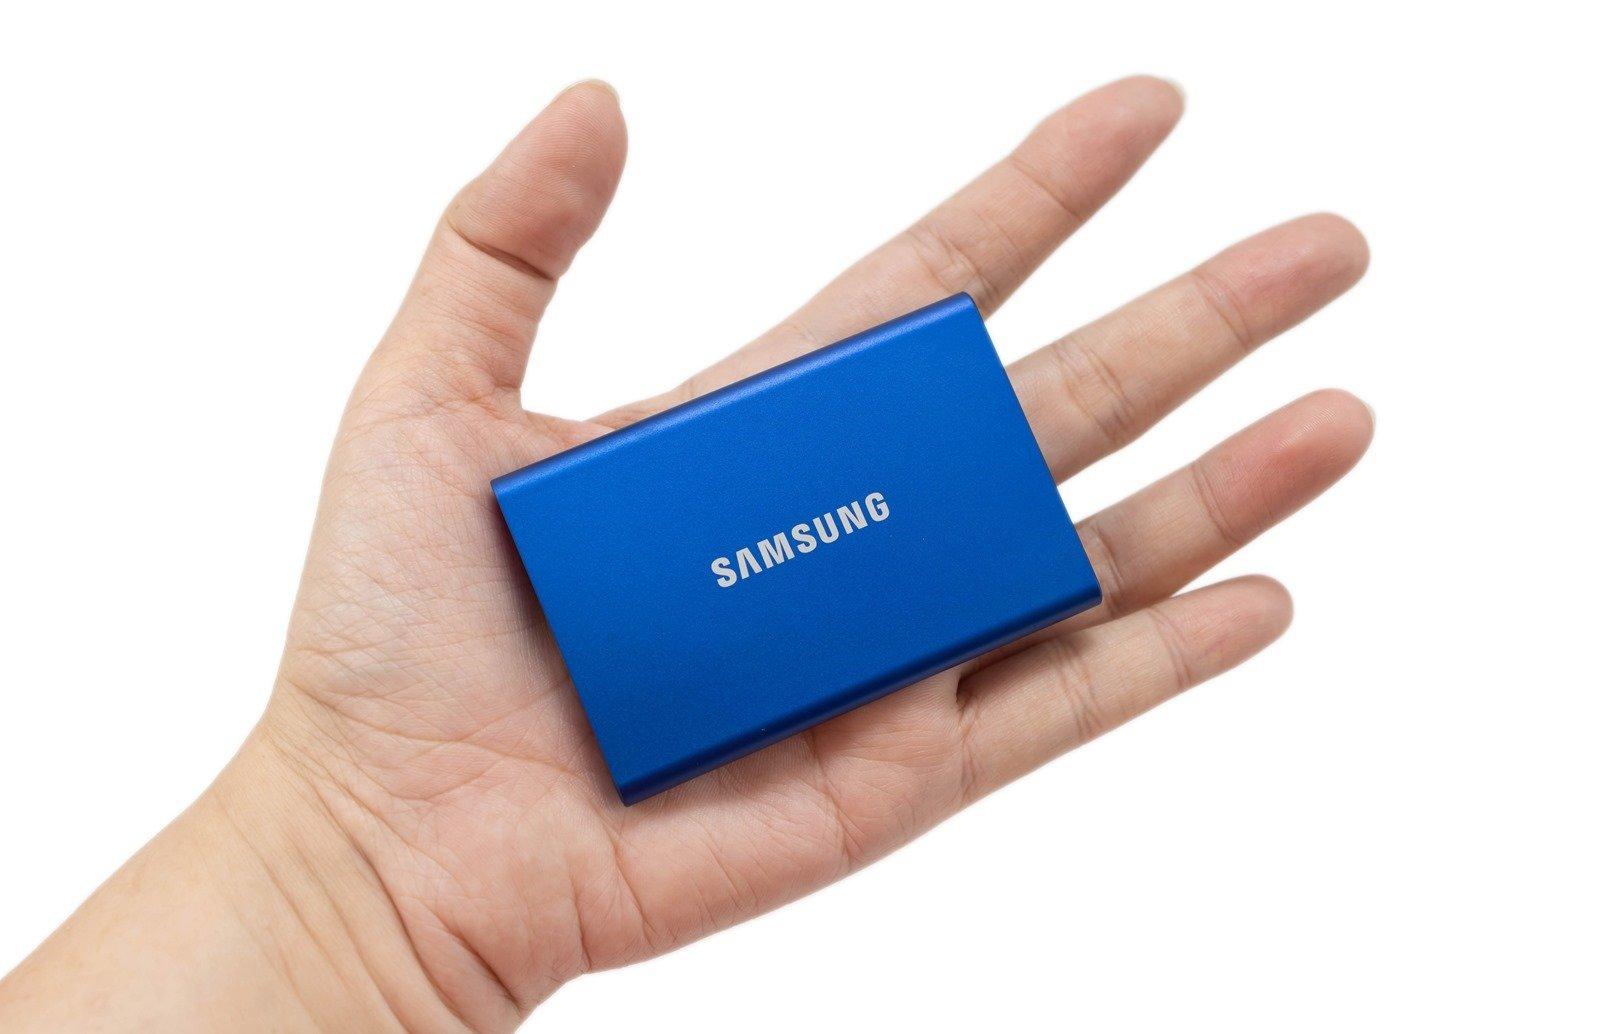 輕薄高速三星 T7 隨身固態硬碟 SSD 開箱分享 + 性能實測 @3C 達人廖阿輝